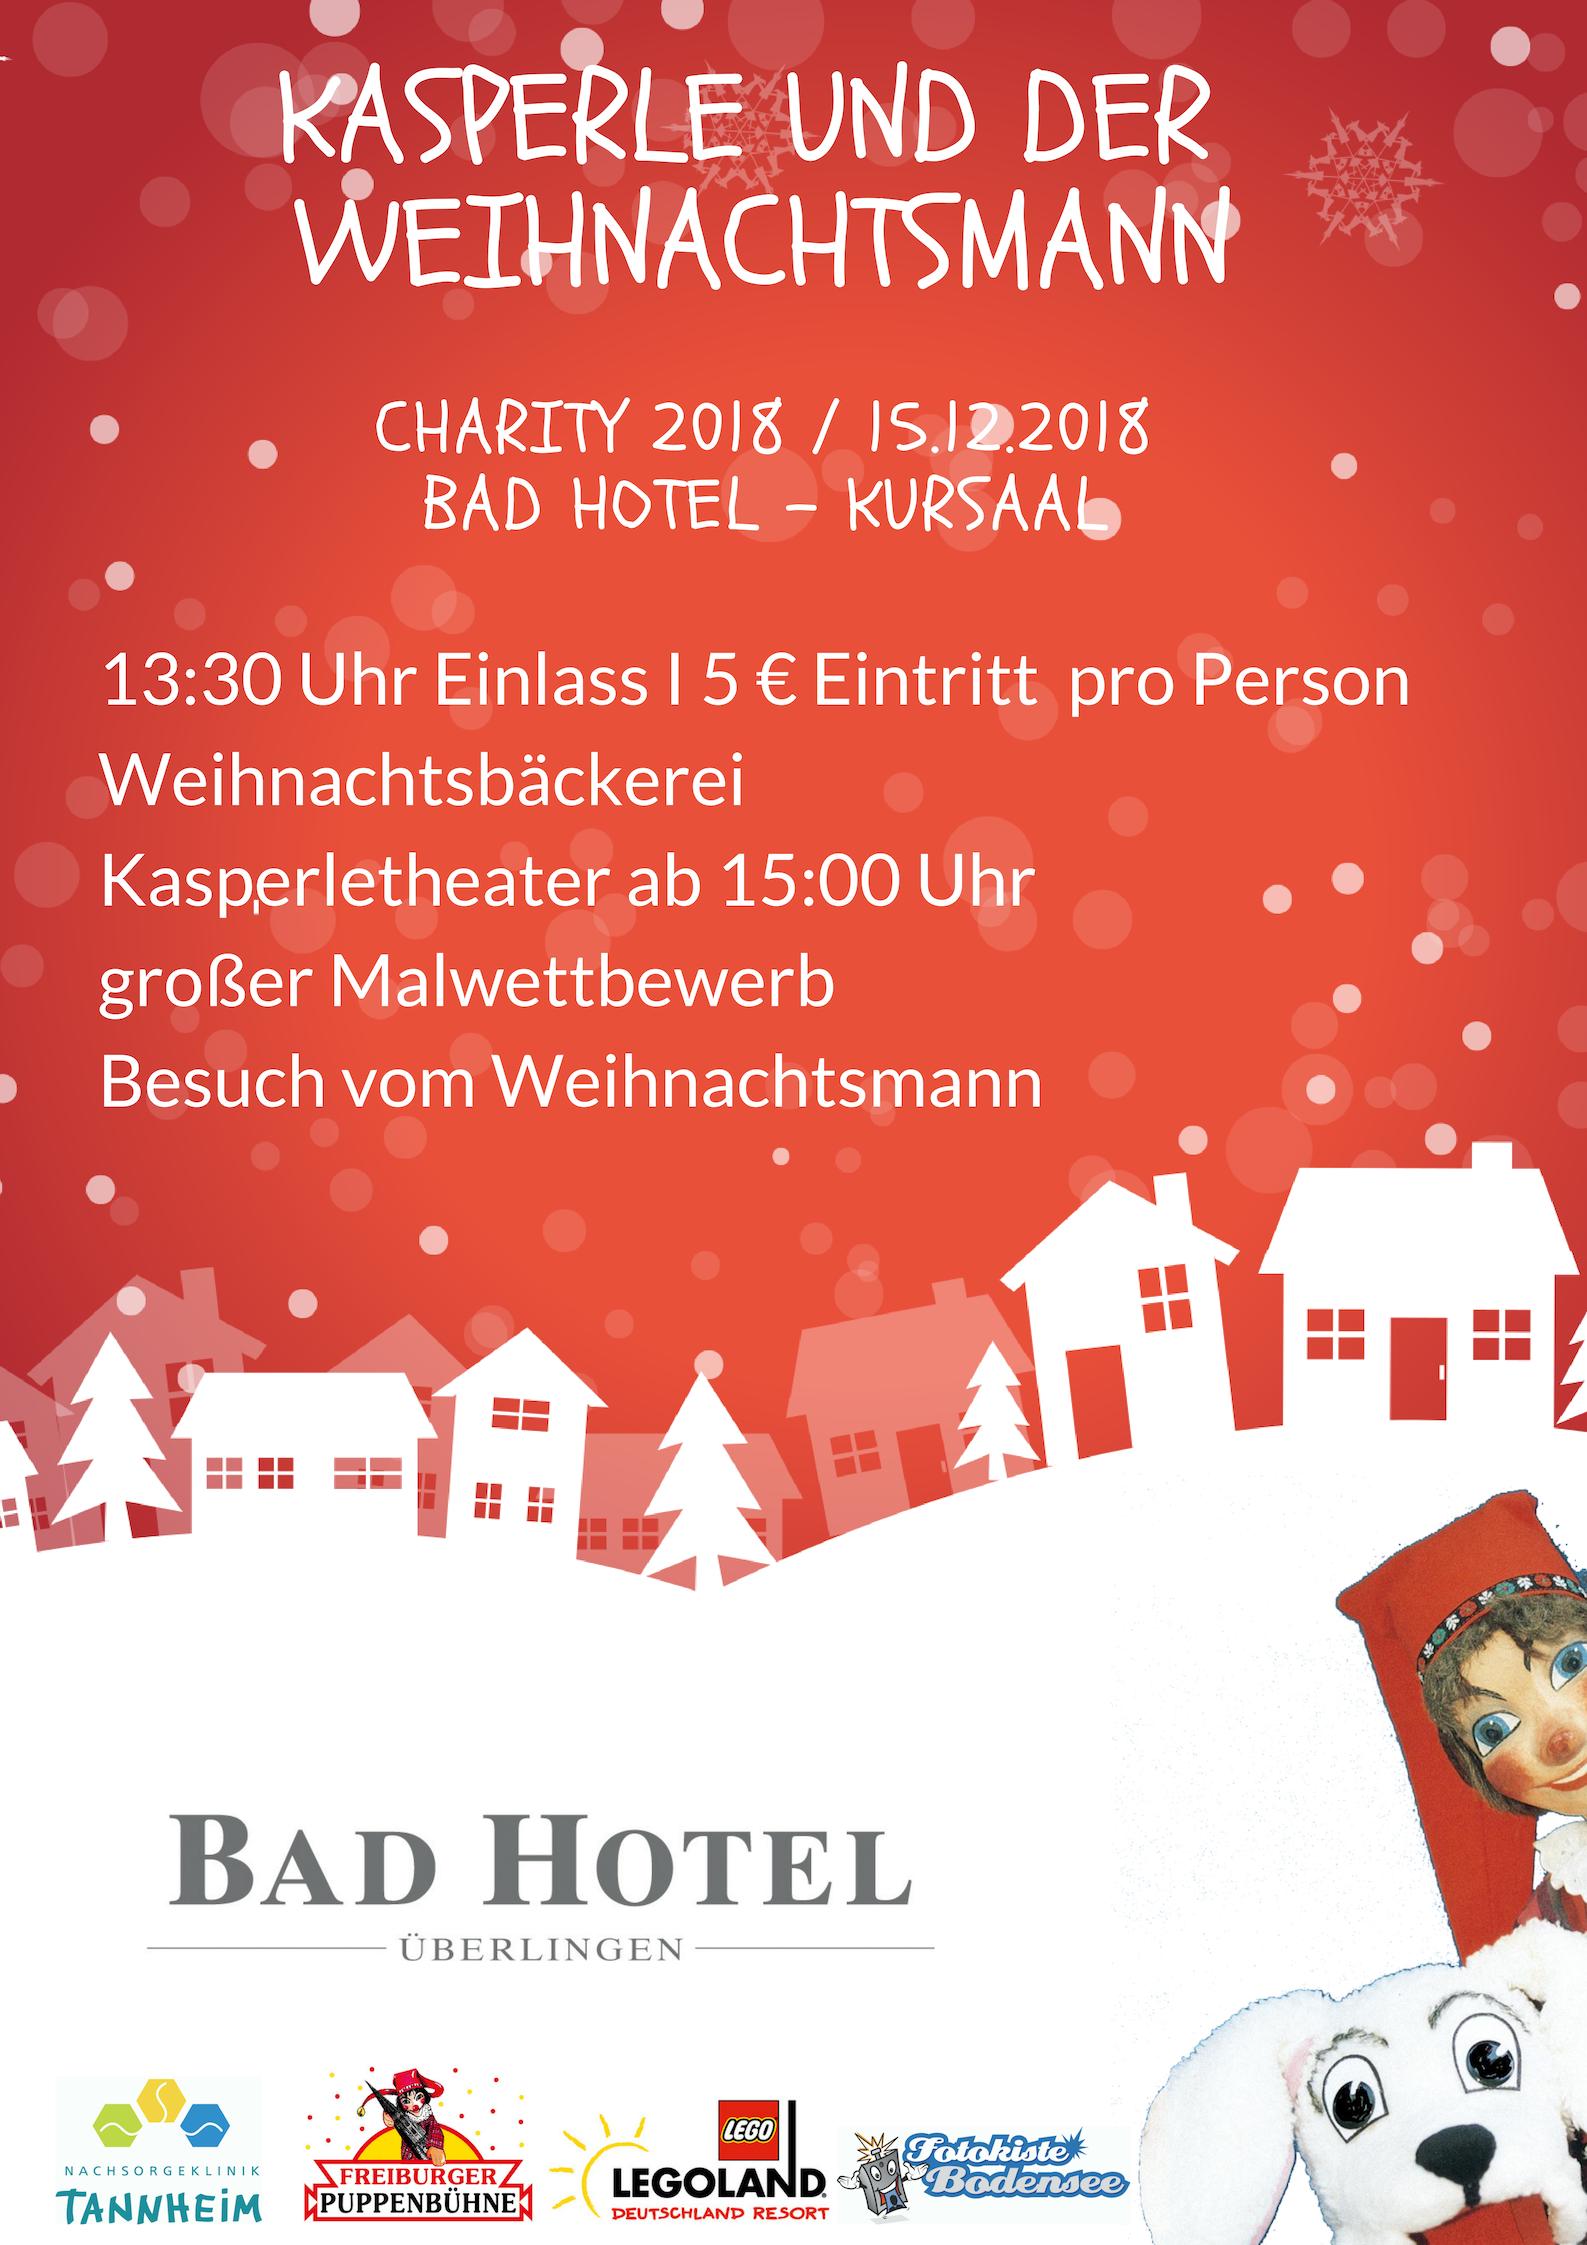 Charity 2018 im Bad Hotel Überlingen